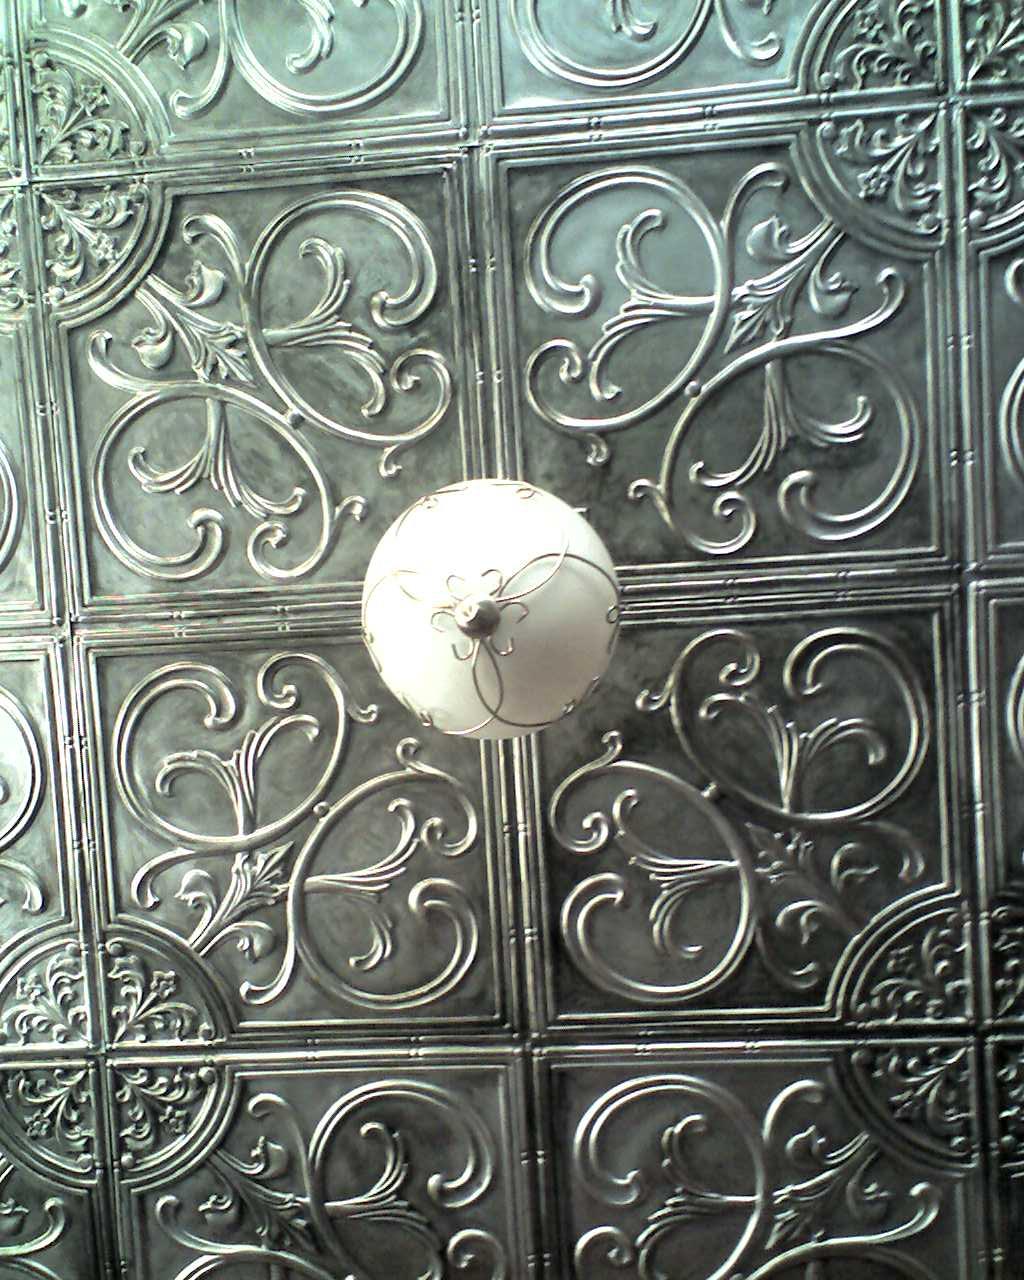 Ceiling Tile Wall Art